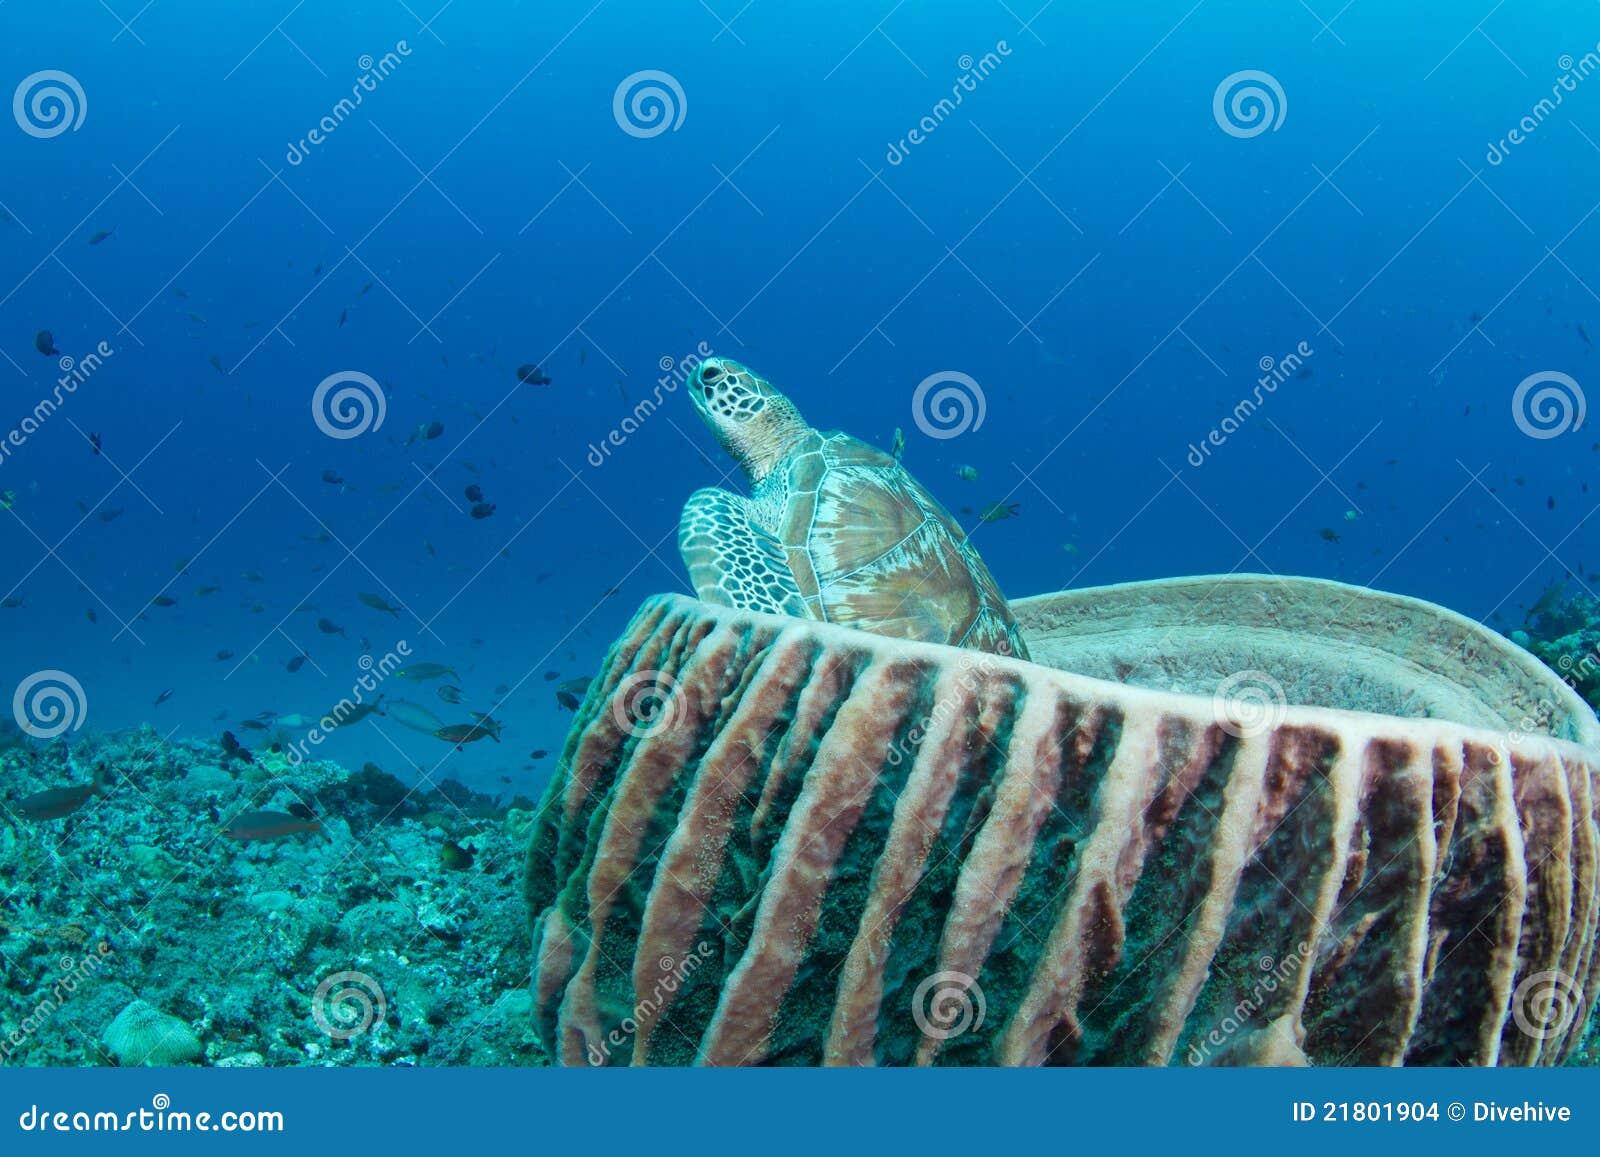 Green turtle sitting in a barrel sponge